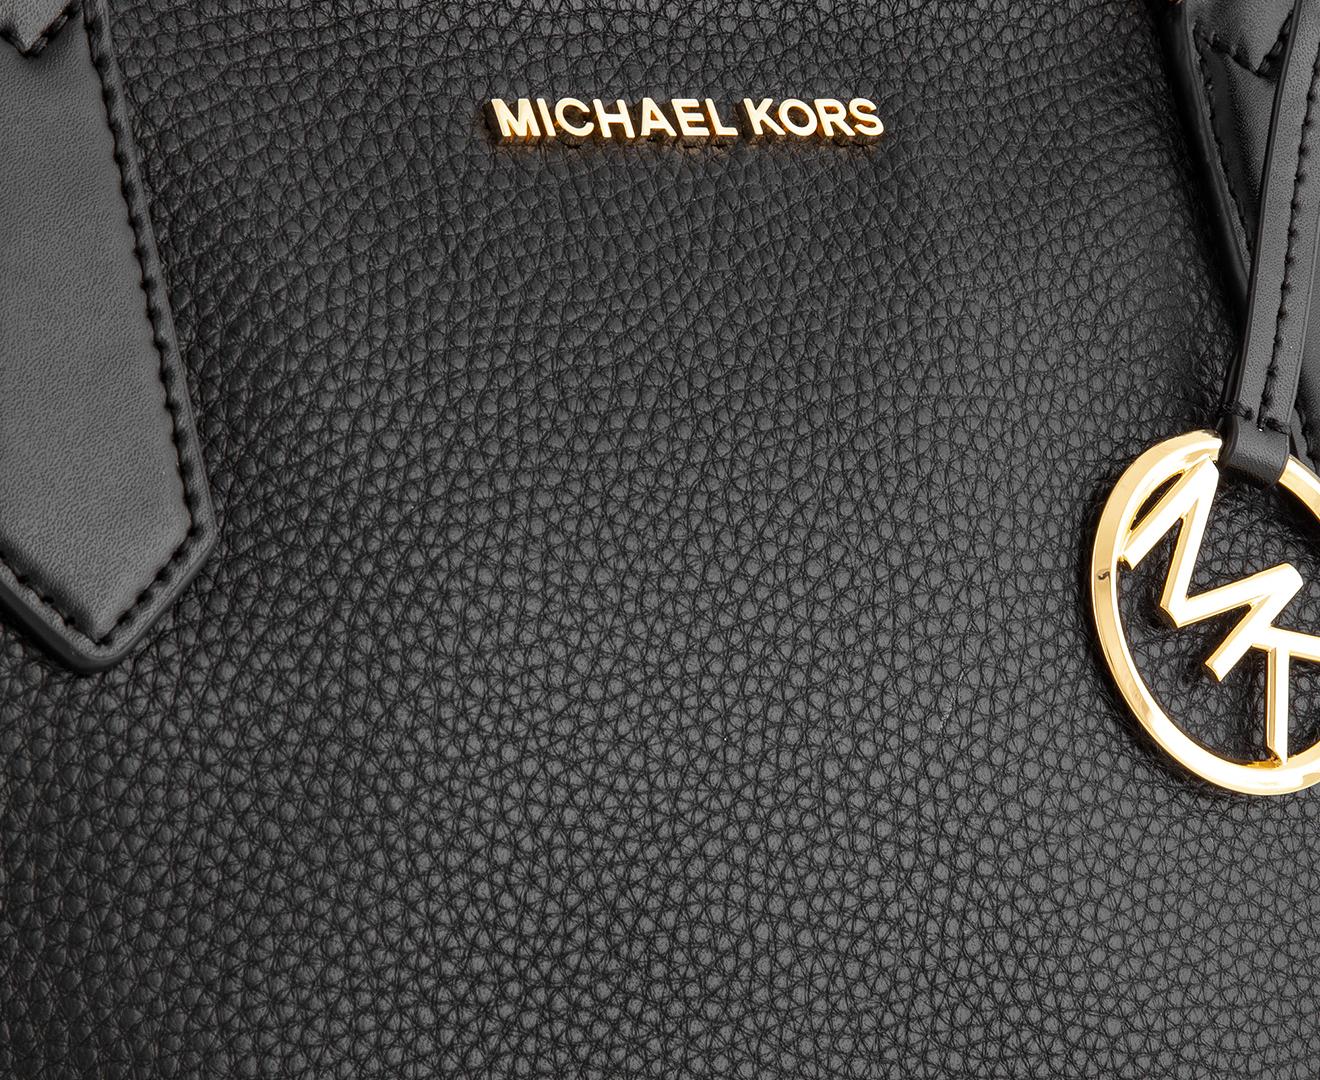 Michael Kors Kimberly Small Bonded Tote Bag Black